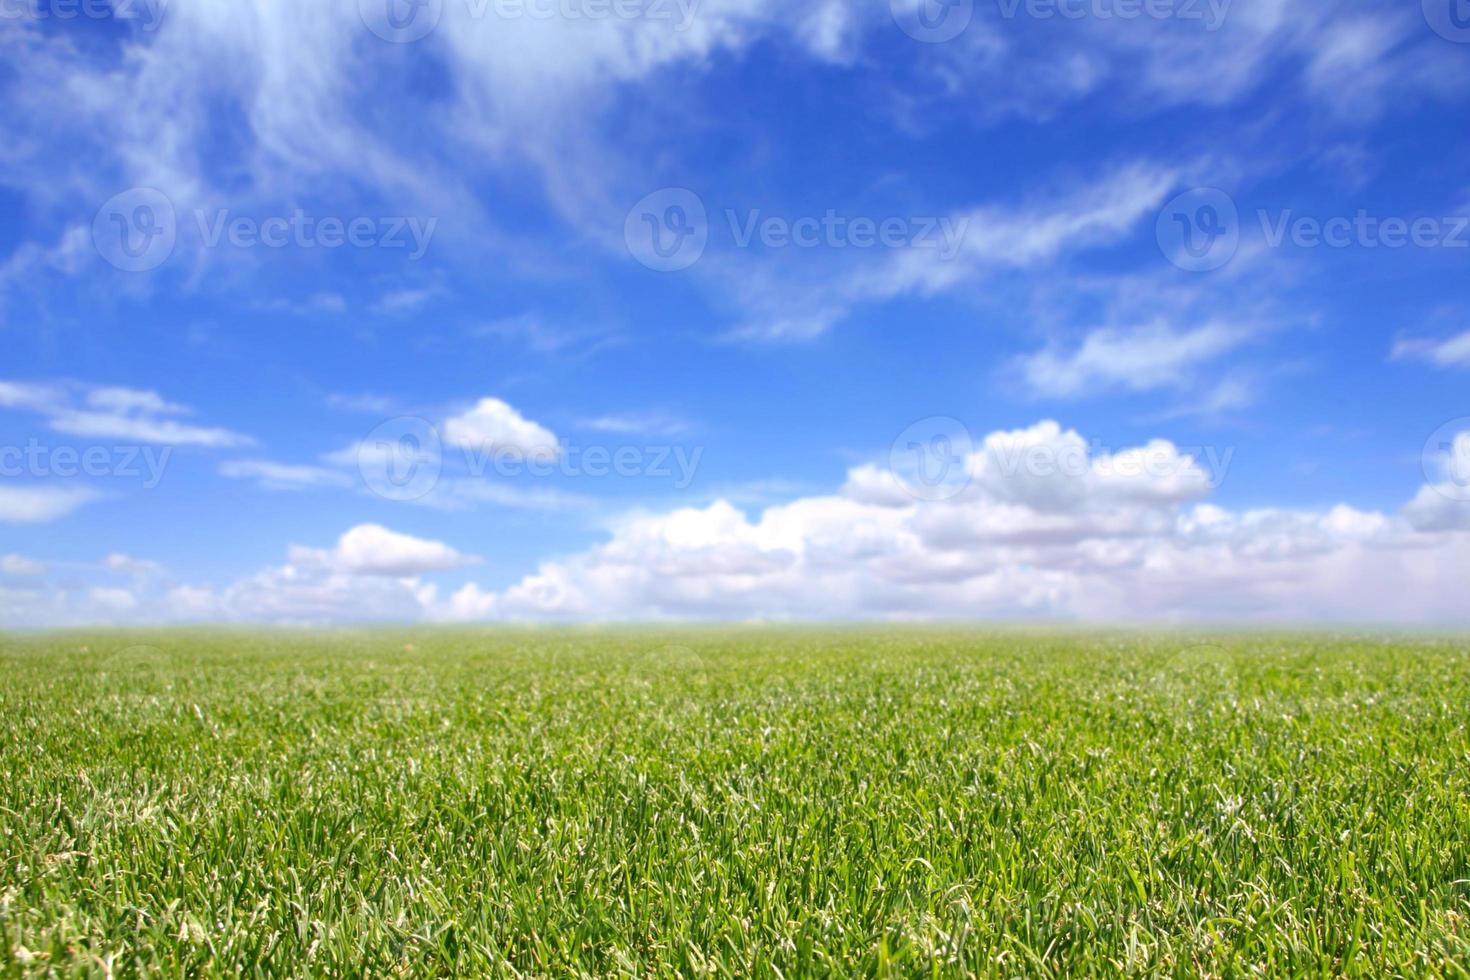 hermoso campo de hierba verde y azul cielo nublado foto